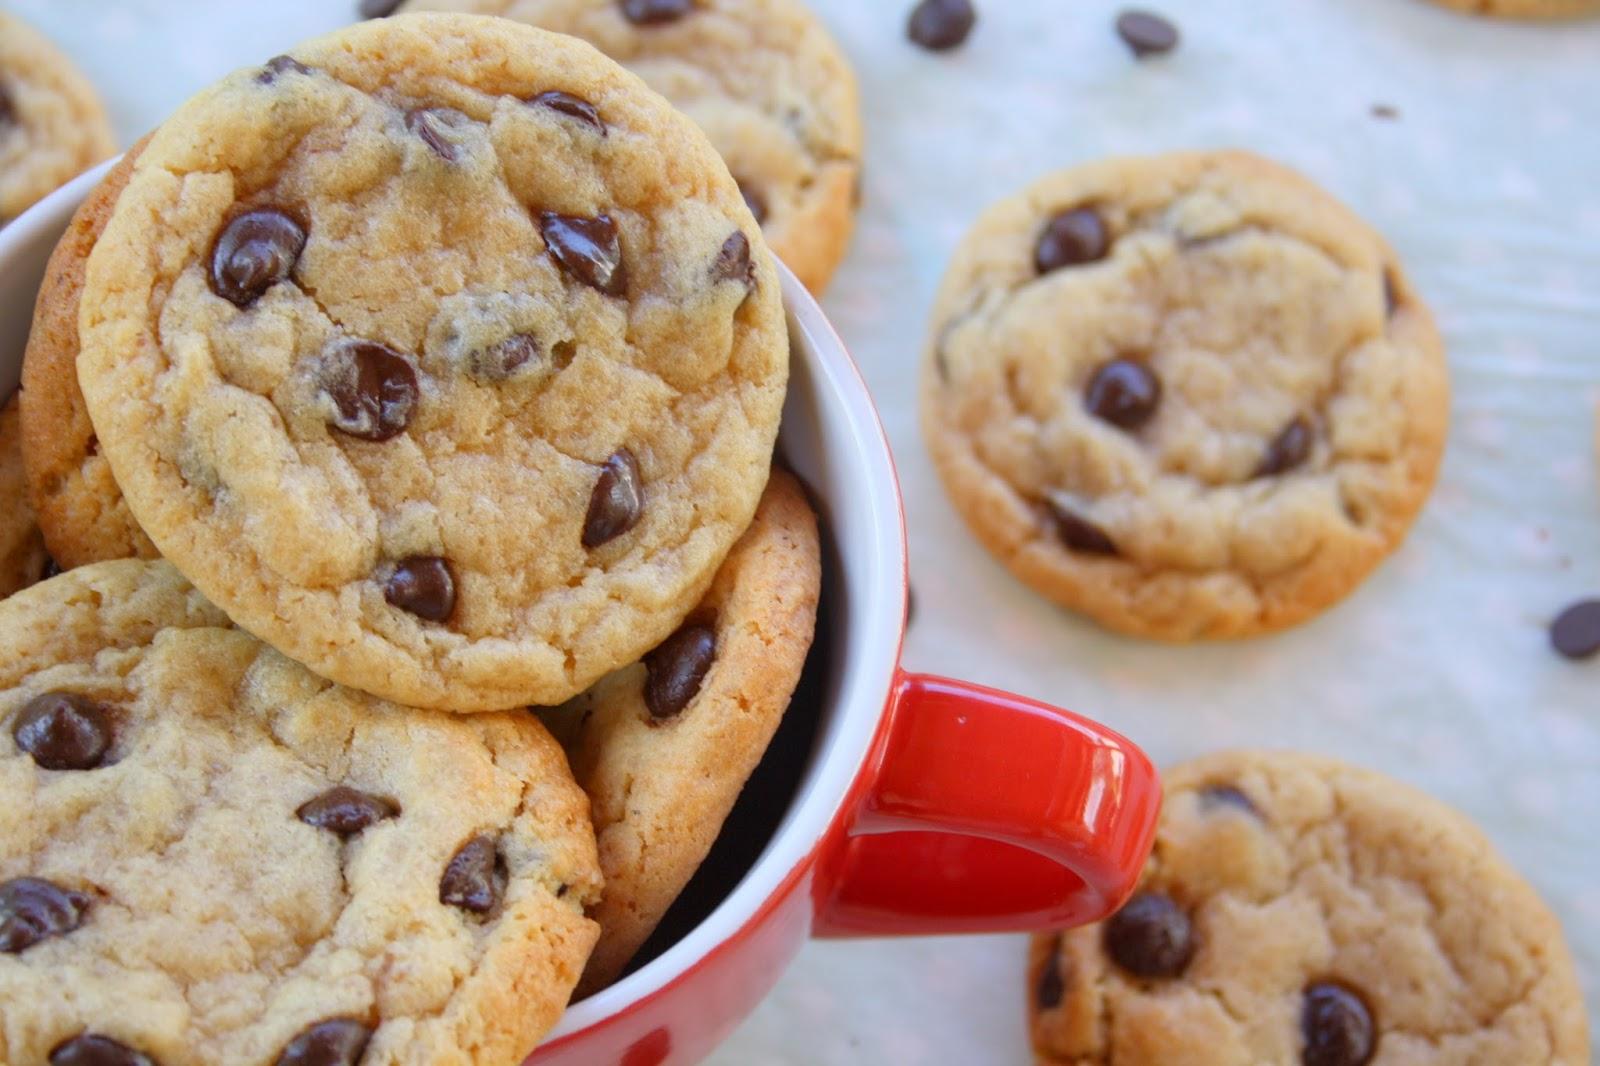 O inventor dos biscoitos com chocolate vendeu sua receita em troca de chocolates